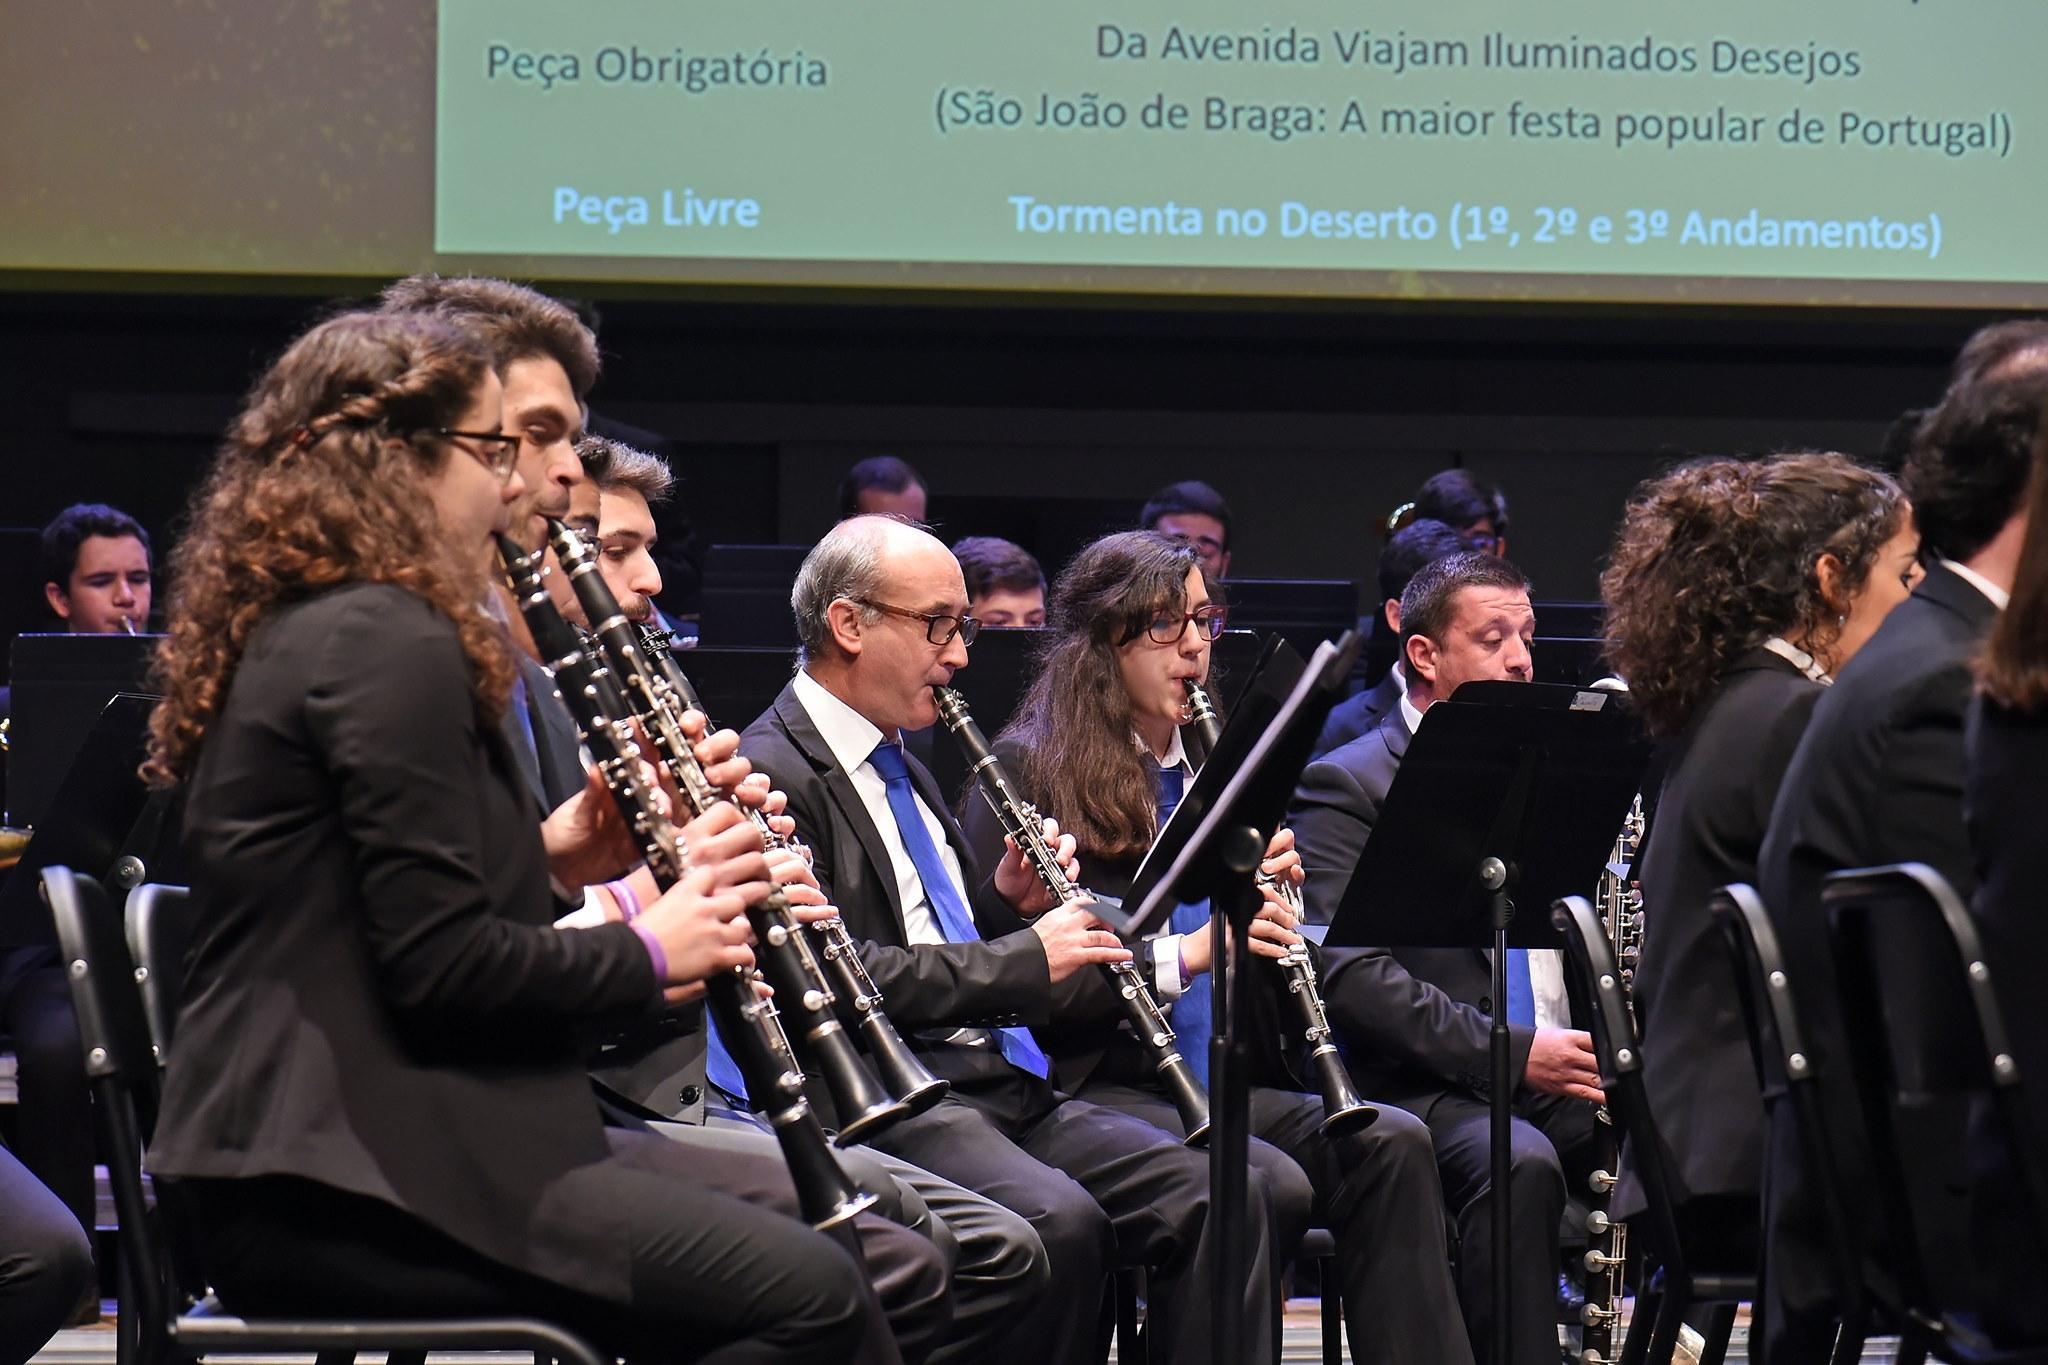 Covid-19 cancela concurso de Bandas Filarmónicas de Braga